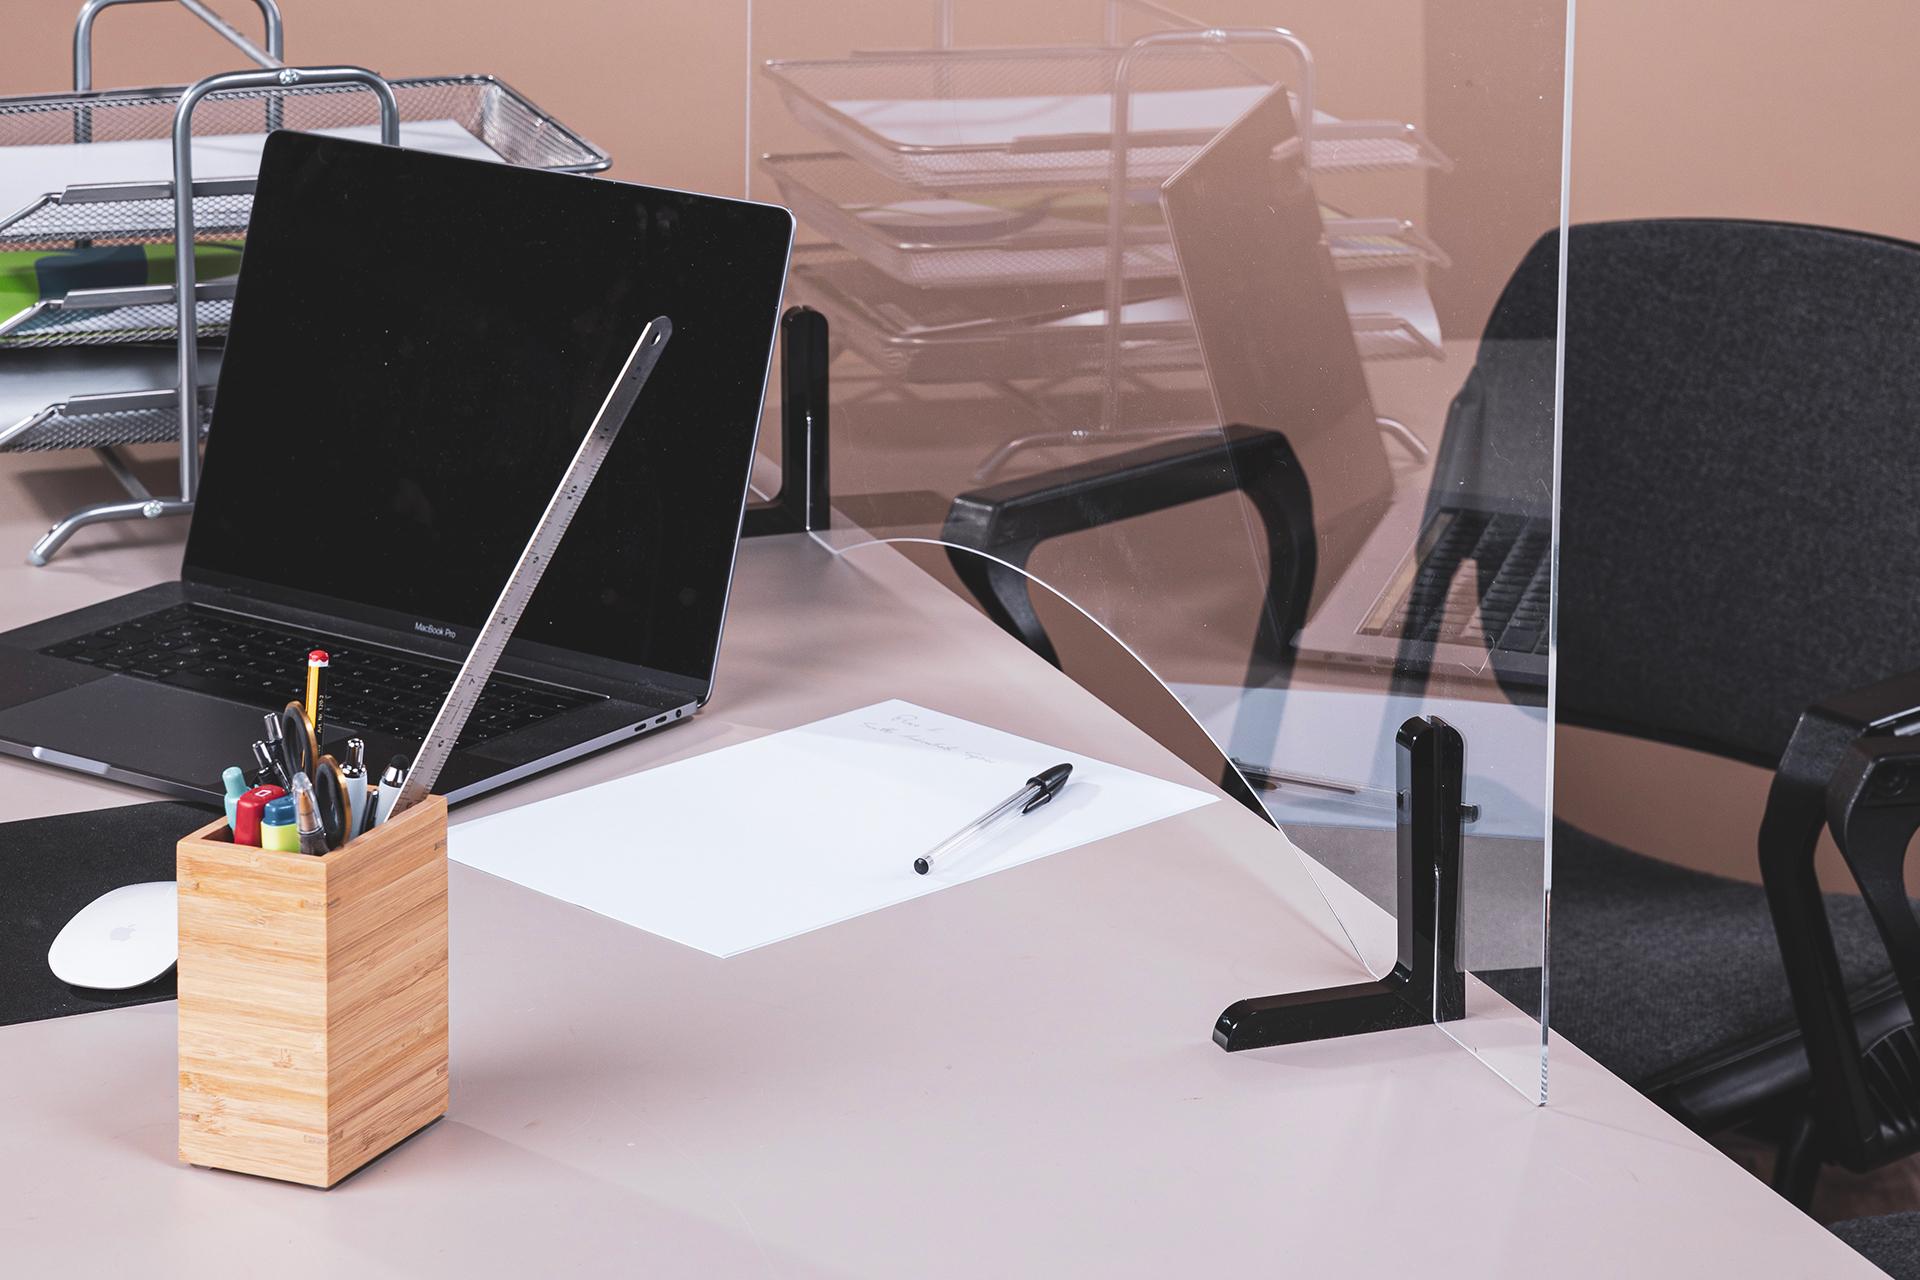 Divisori In Plexiglass Per Esterni pannelli divisori per postazioni lavorative - plexi art